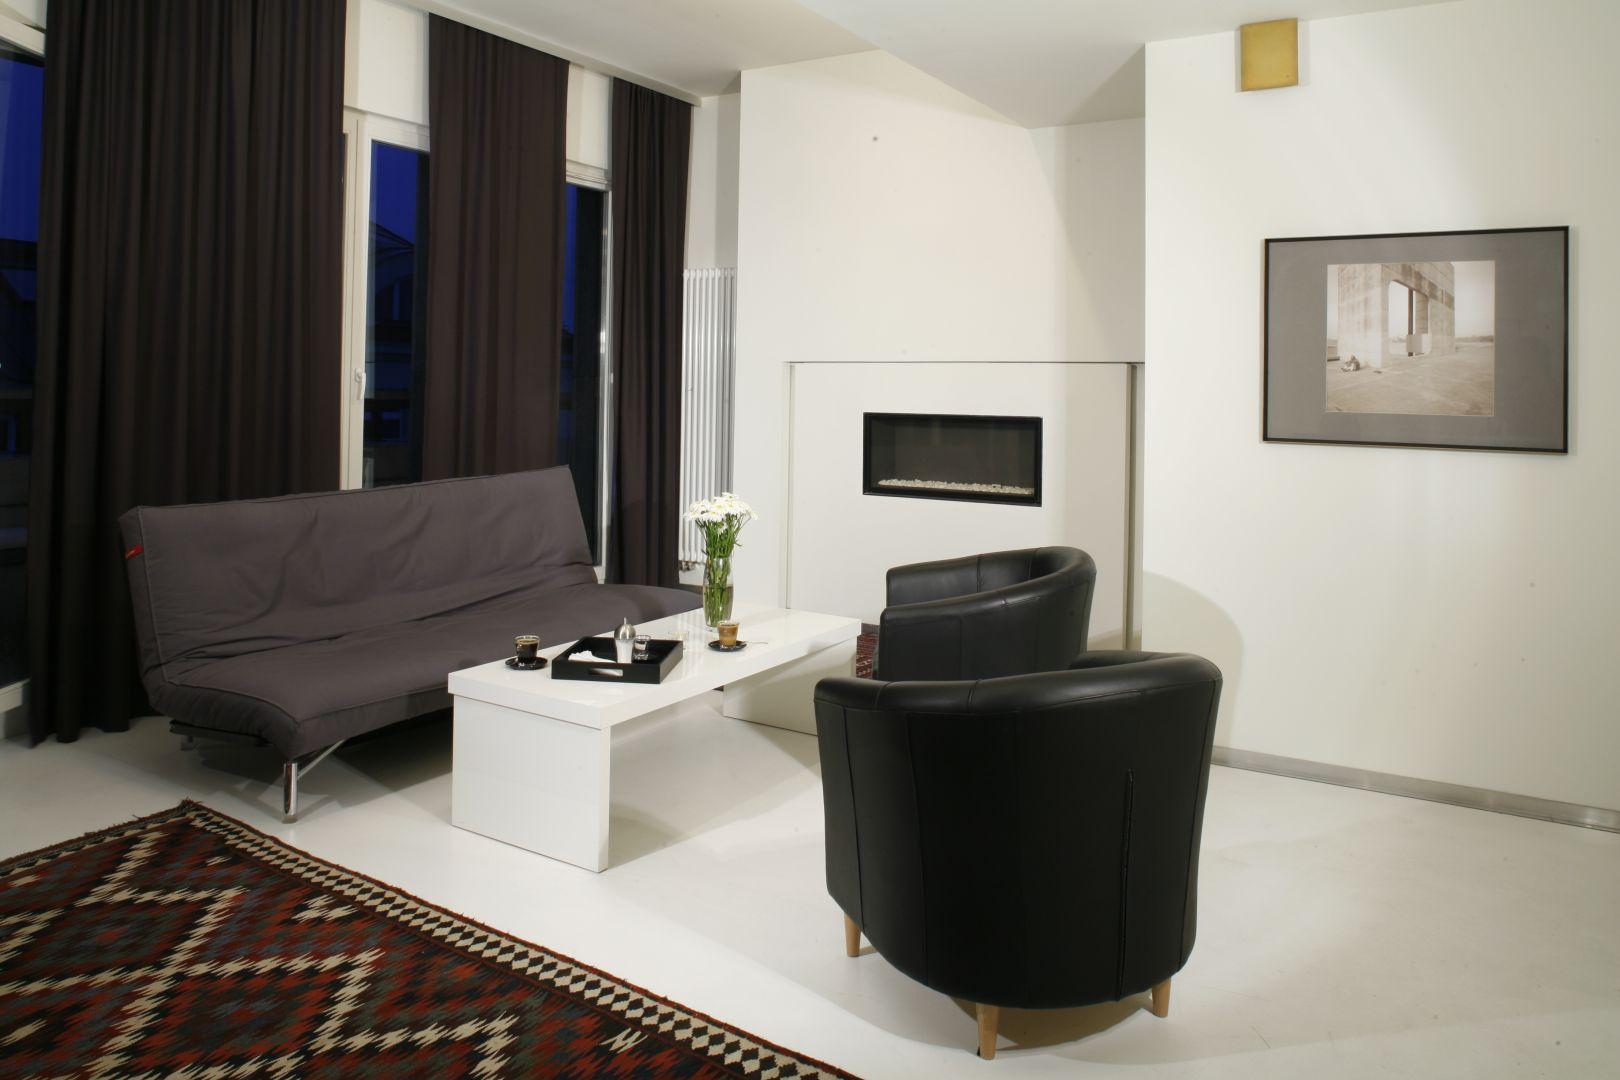 Salon urządzony w czerni i bieli to bardzo eleganckie rozwiązanie. Stylowe fotele świetnie uzupełniają aranżację. Projekt: Ovotz Design Lab. Fot. Bartosz Jarosz